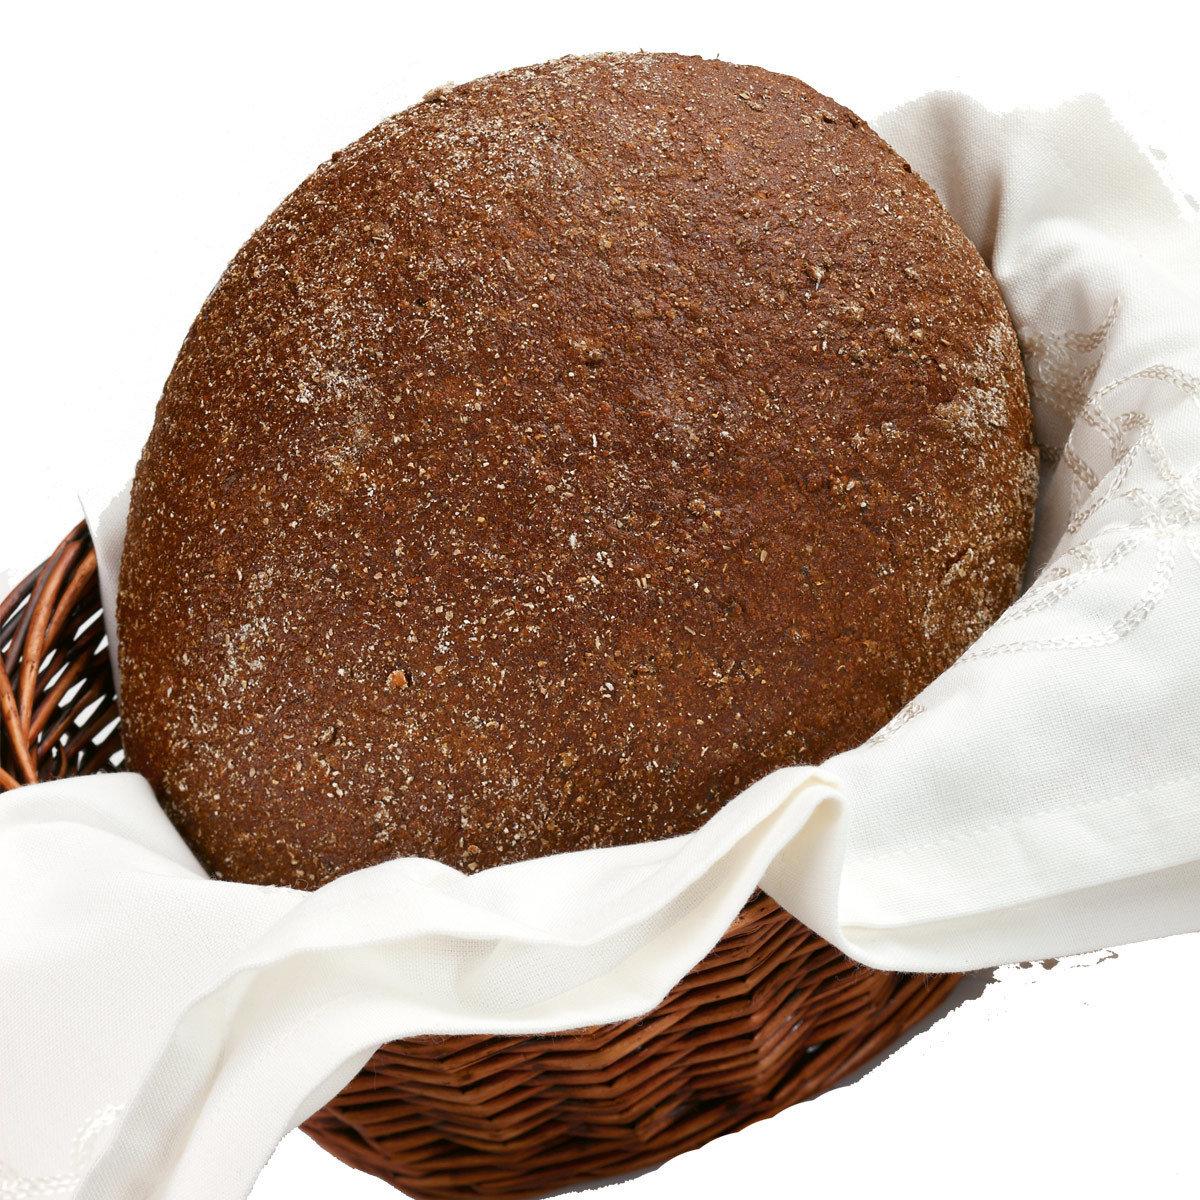 Saaristolainen(pyöreä) bakery072